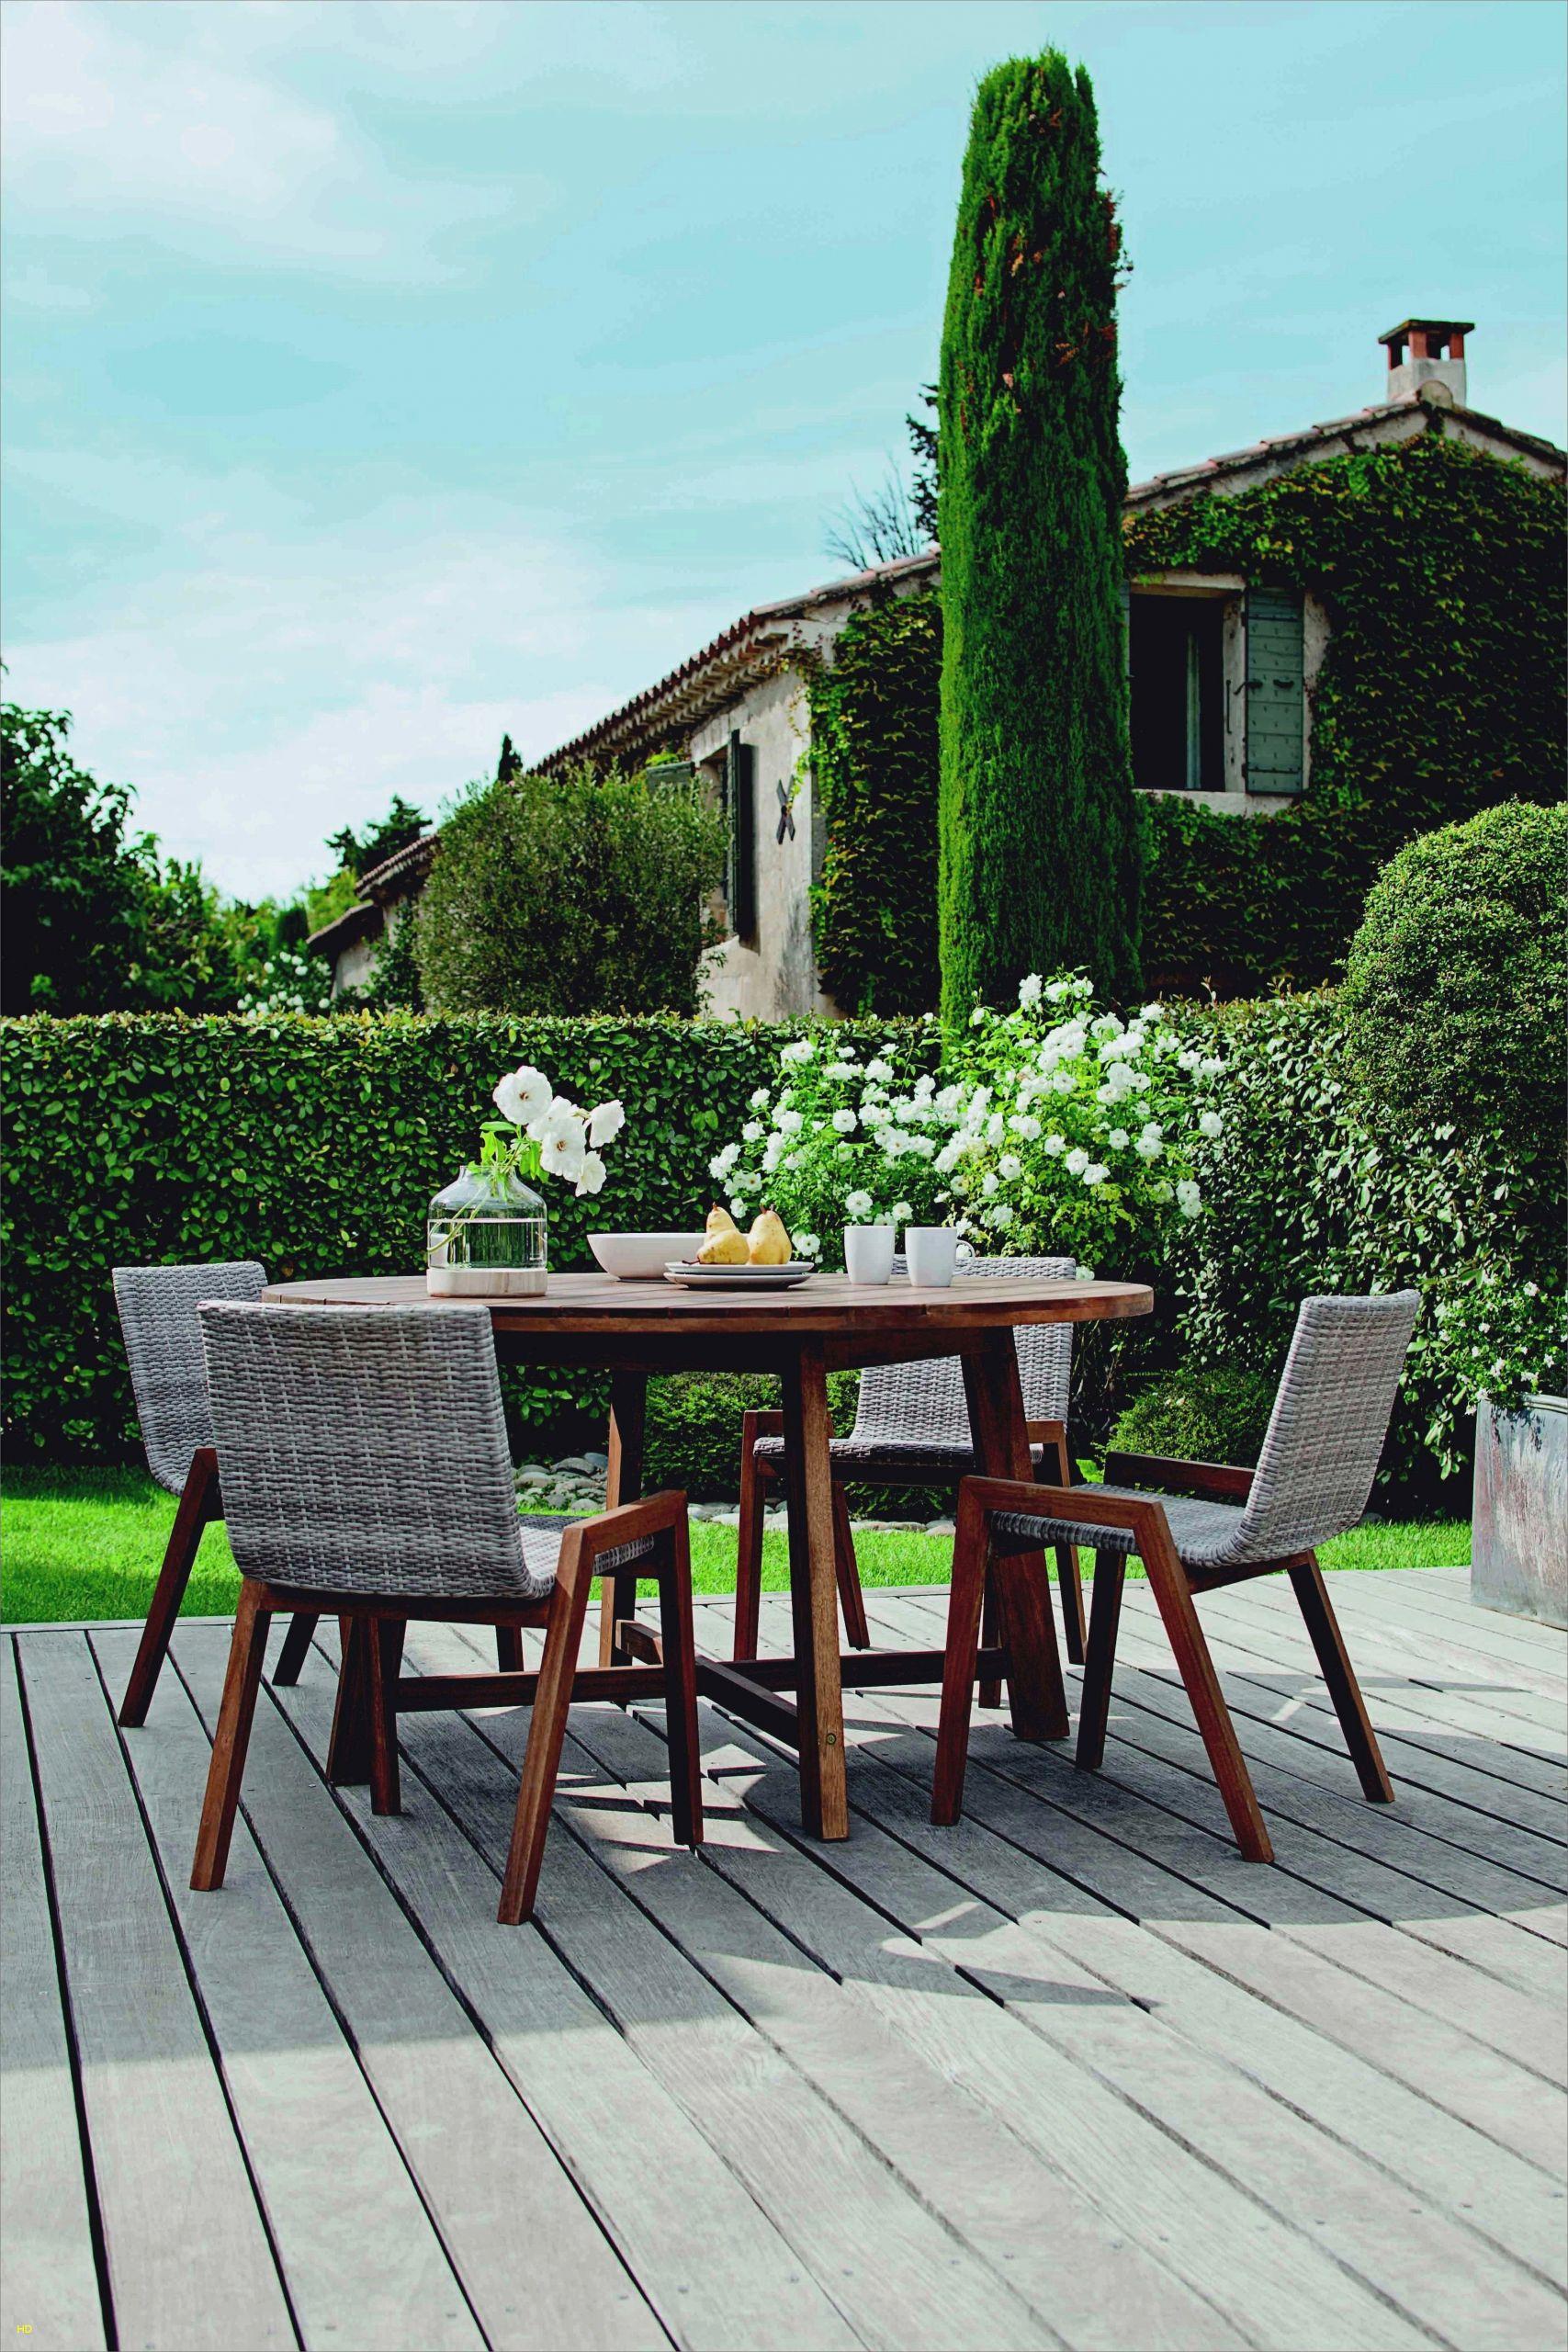 Solde Salon Jardin Best Of Salon De Jardin Leclerc Catalogue ... concernant Table De Jardin Magasin Leclerc